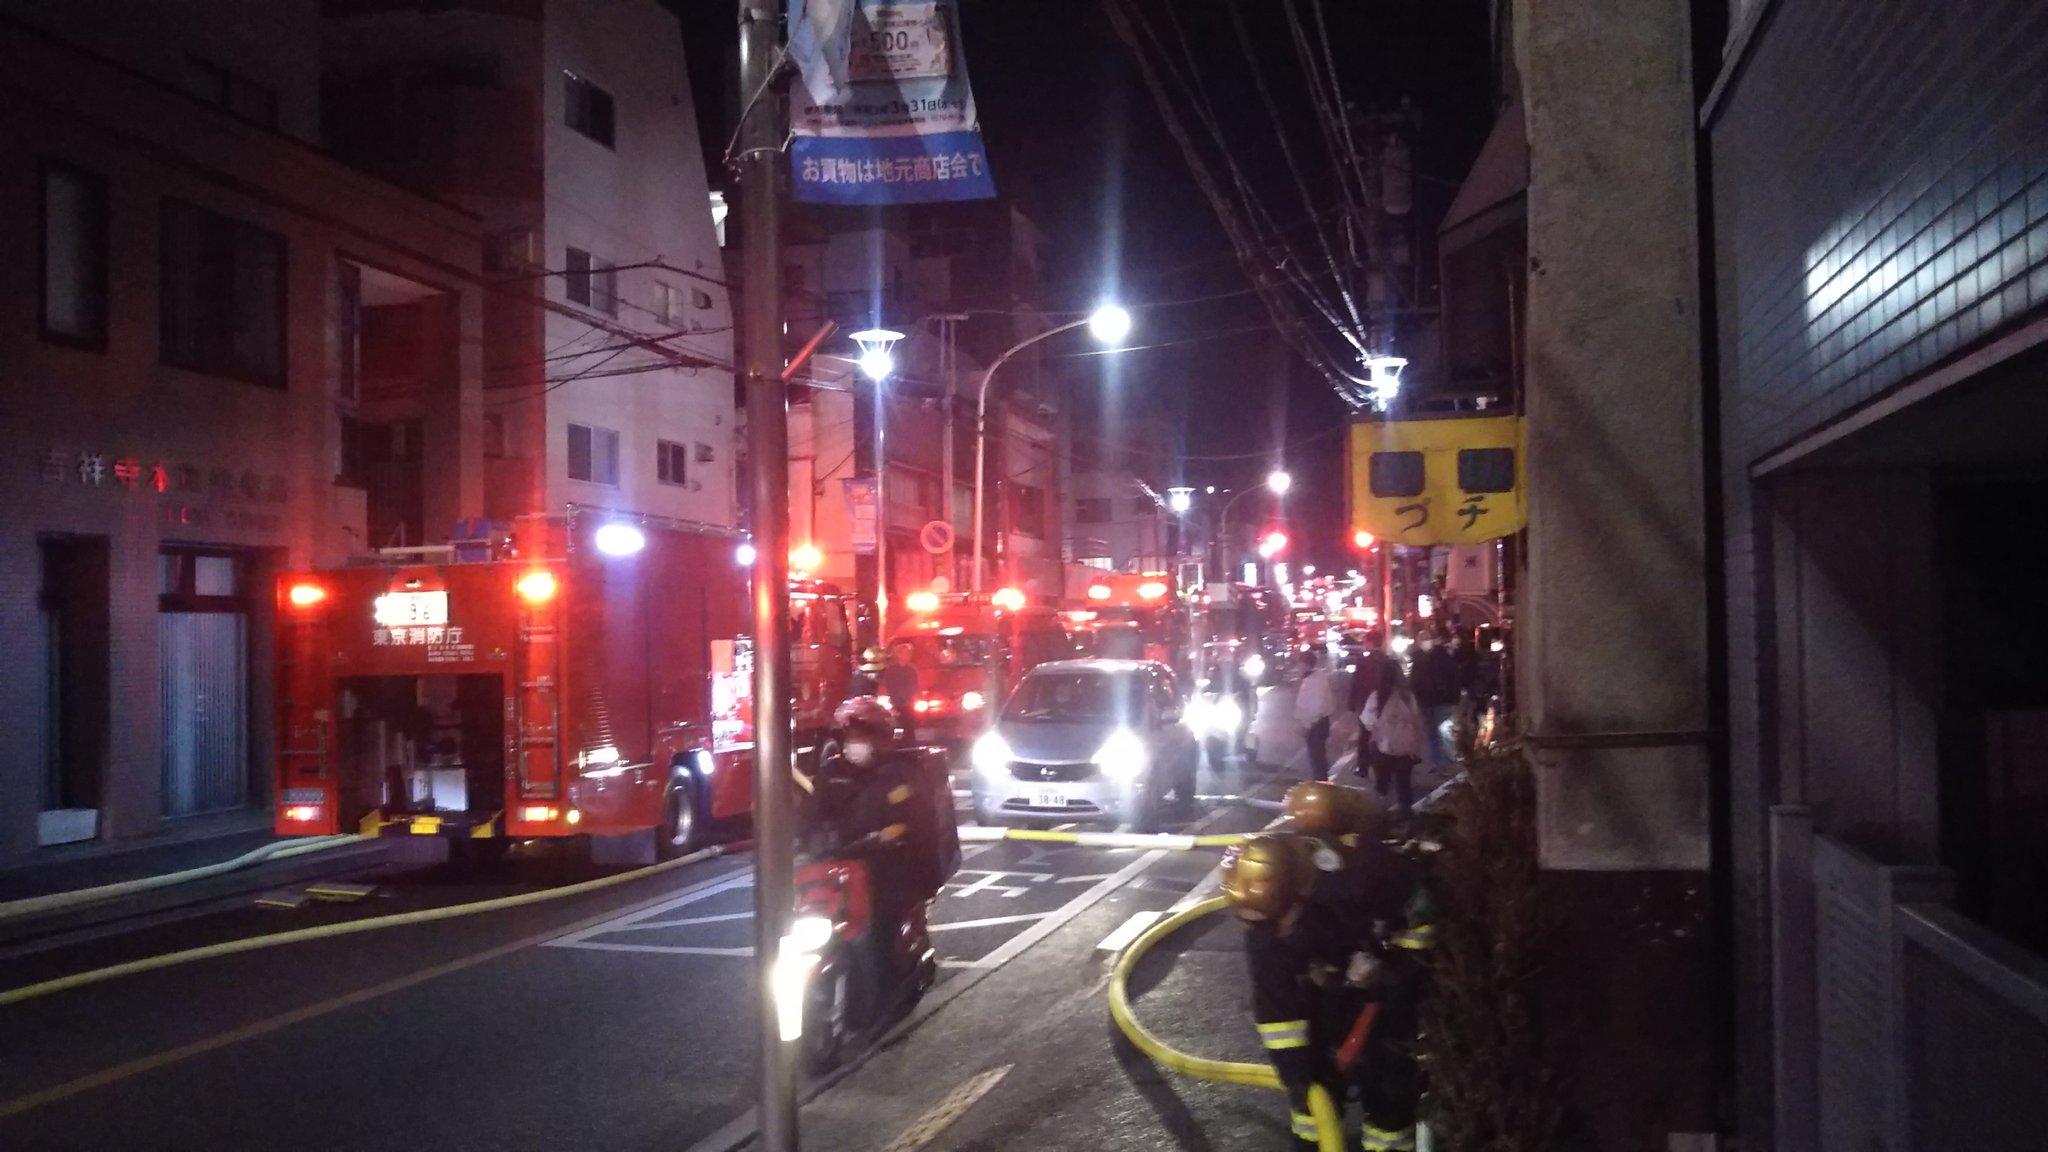 吉祥寺で大きな火事が起きた現場の画像